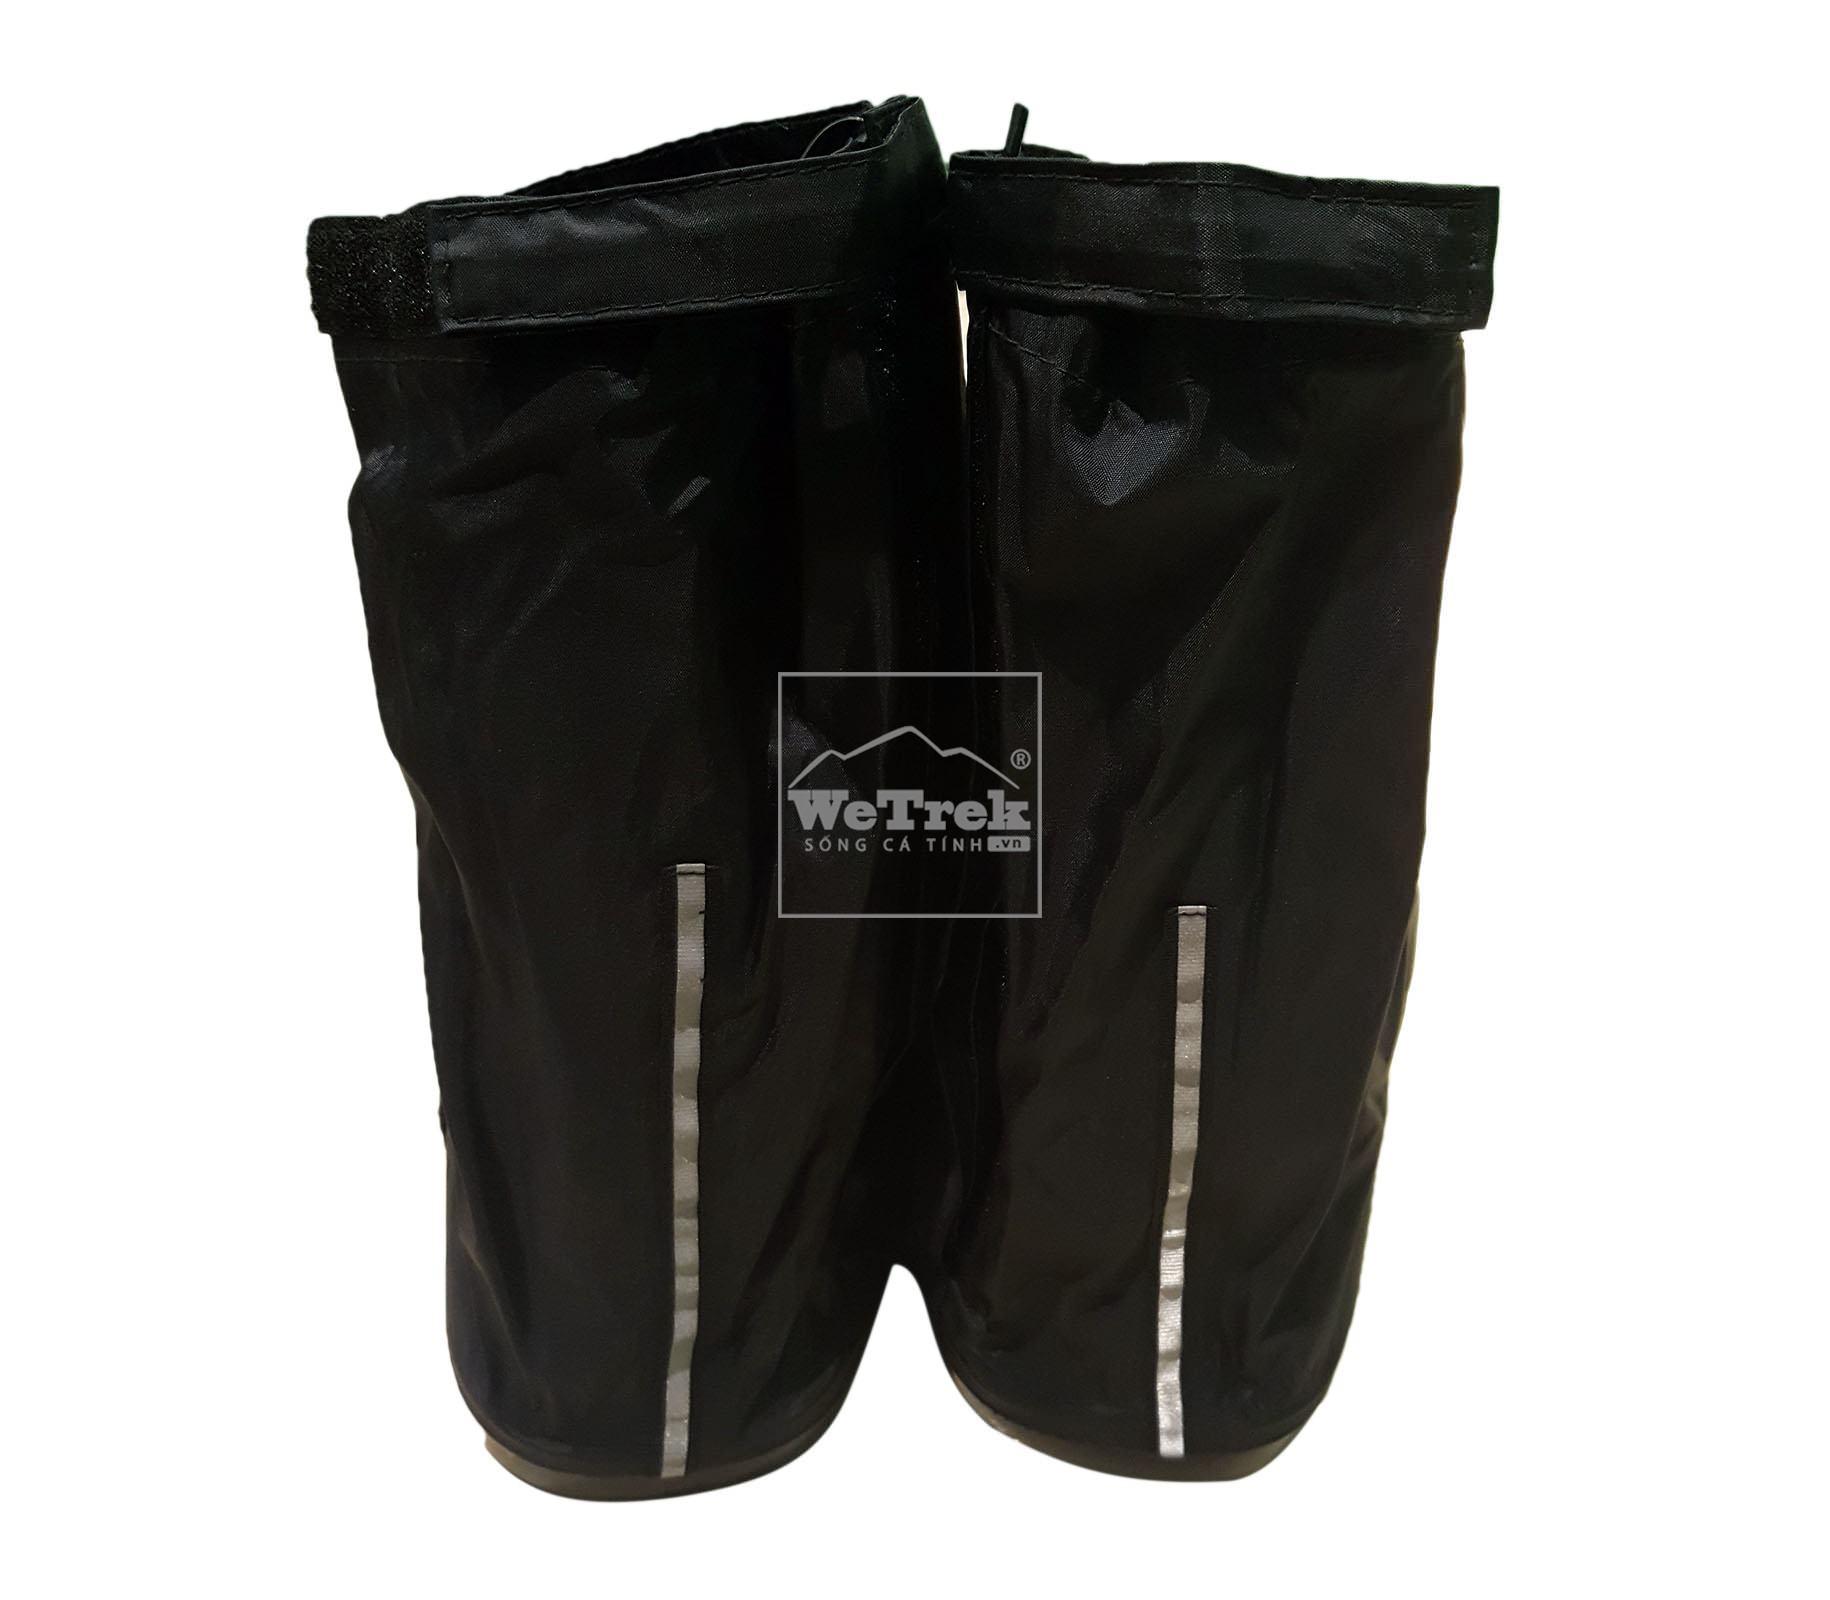 giay-di-mua-givi-twinshield-rain-shoes-rs04-wetrek.vn-3387-1